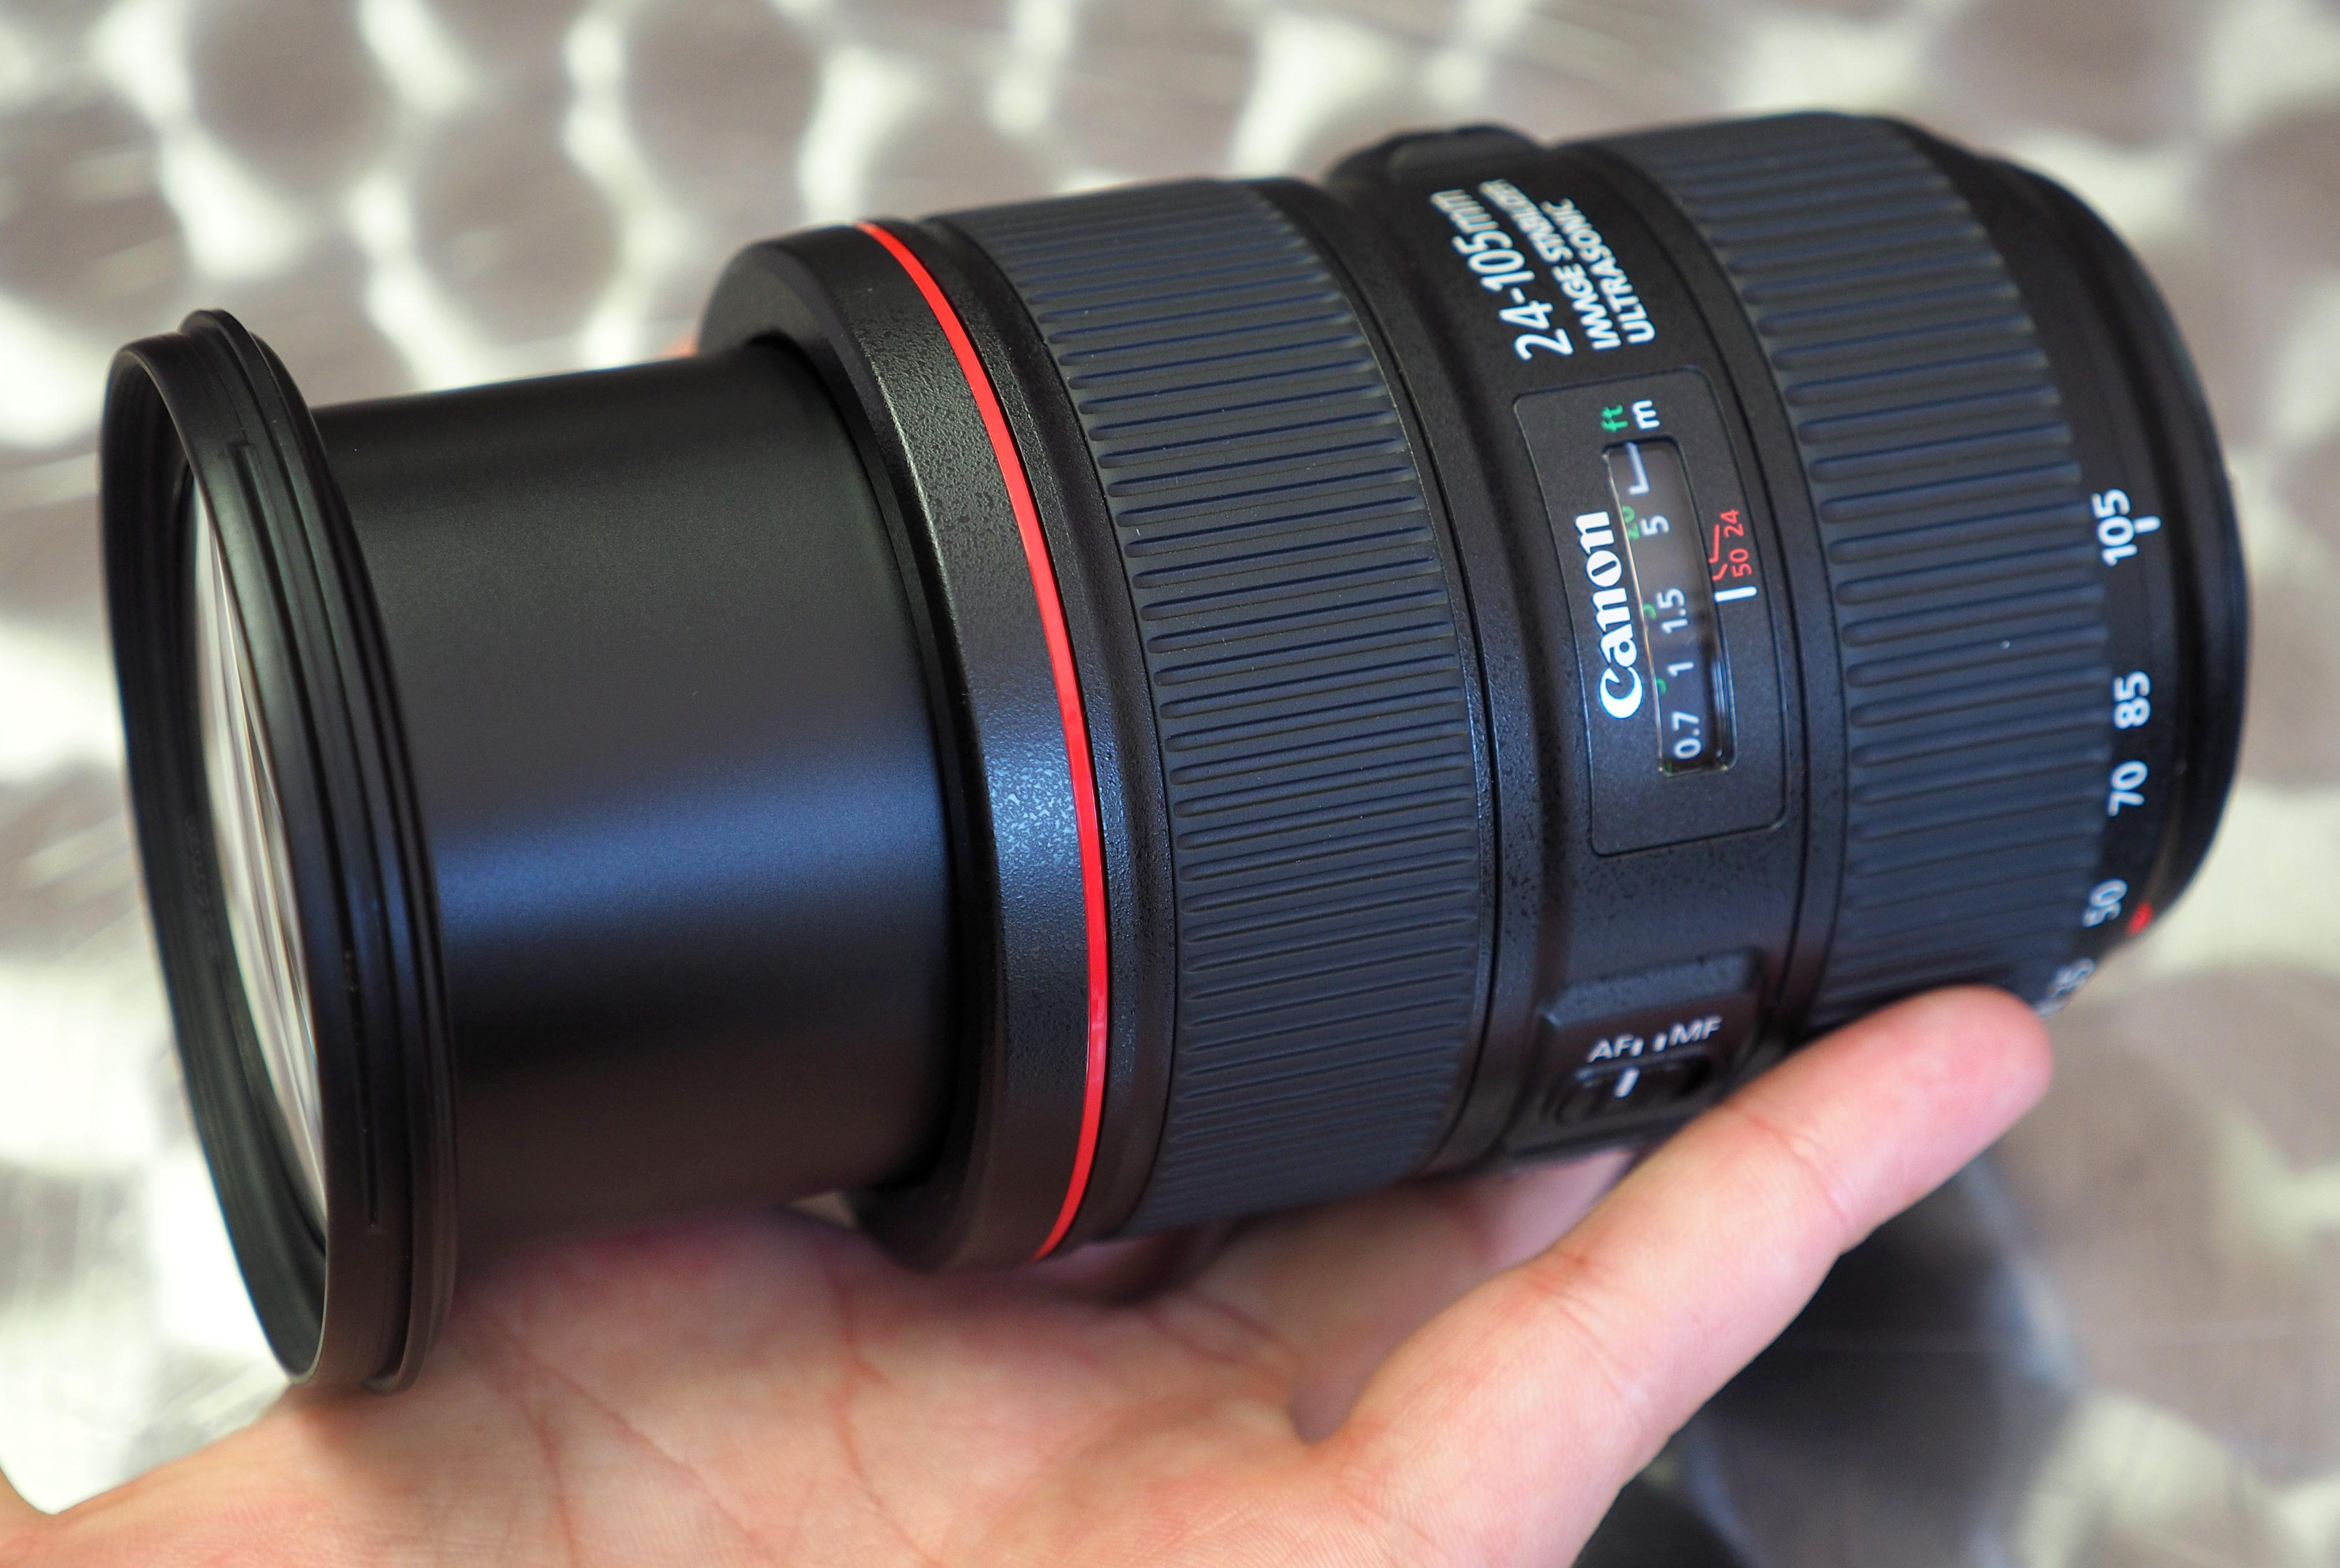 canon ef 24 105mm f 4 is ii usm lens review. Black Bedroom Furniture Sets. Home Design Ideas